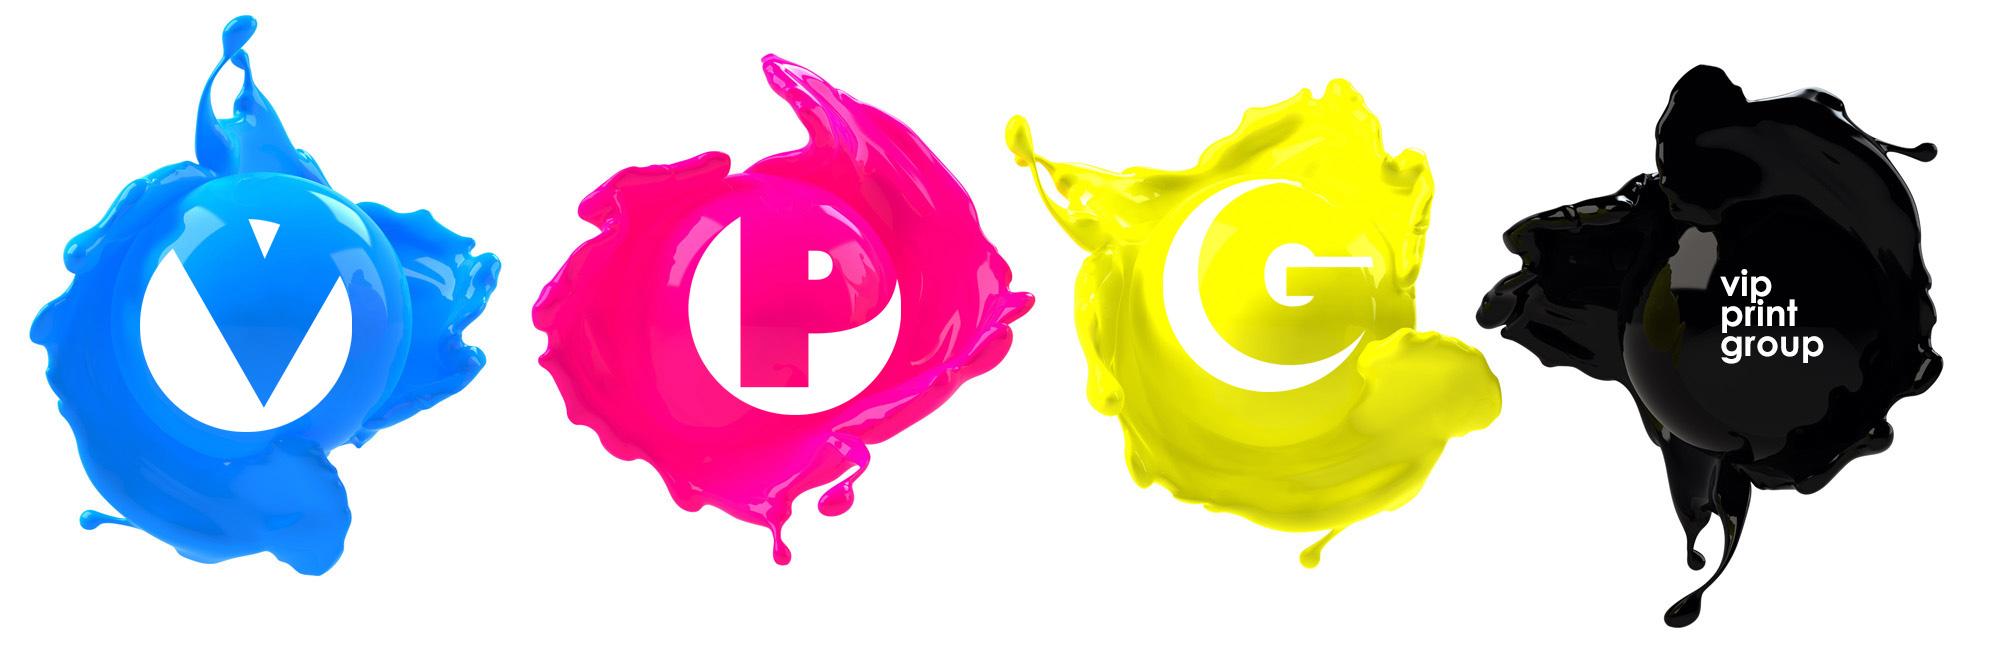 VPG - широкоформатная печать и размещение наружной рекламы